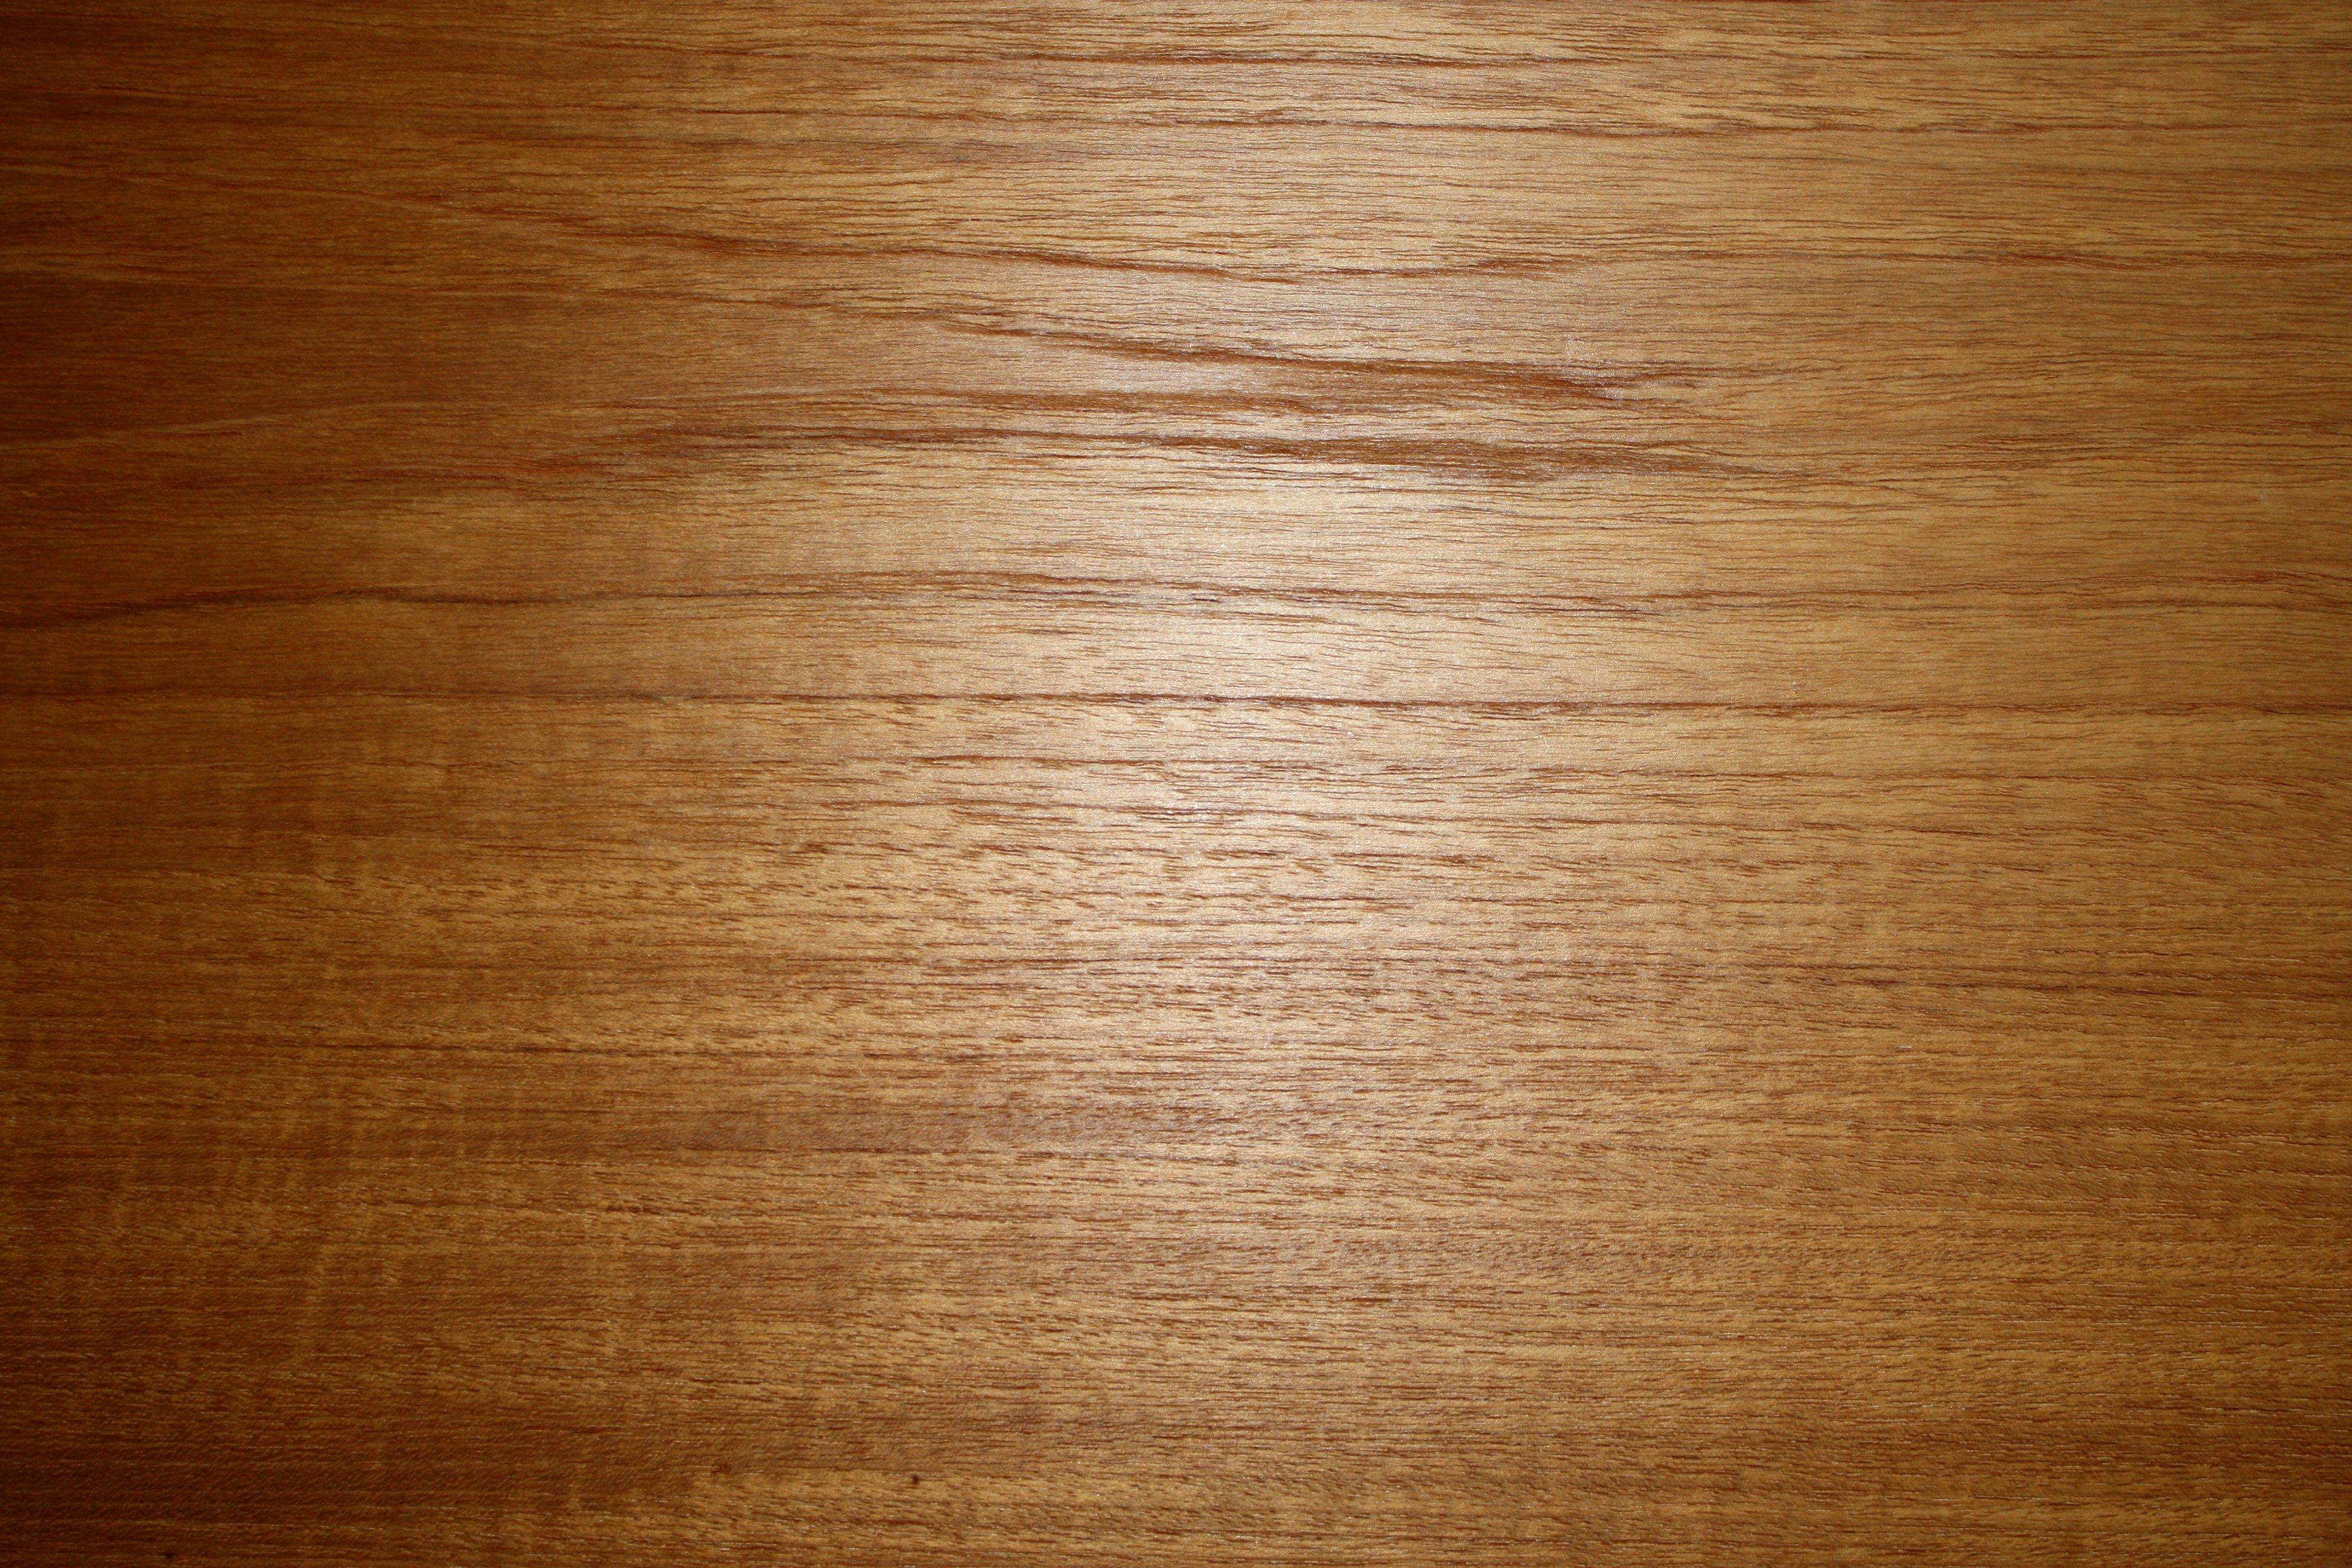 Wood Grain Texture wood grain texture picture | free photograph | photos public domain